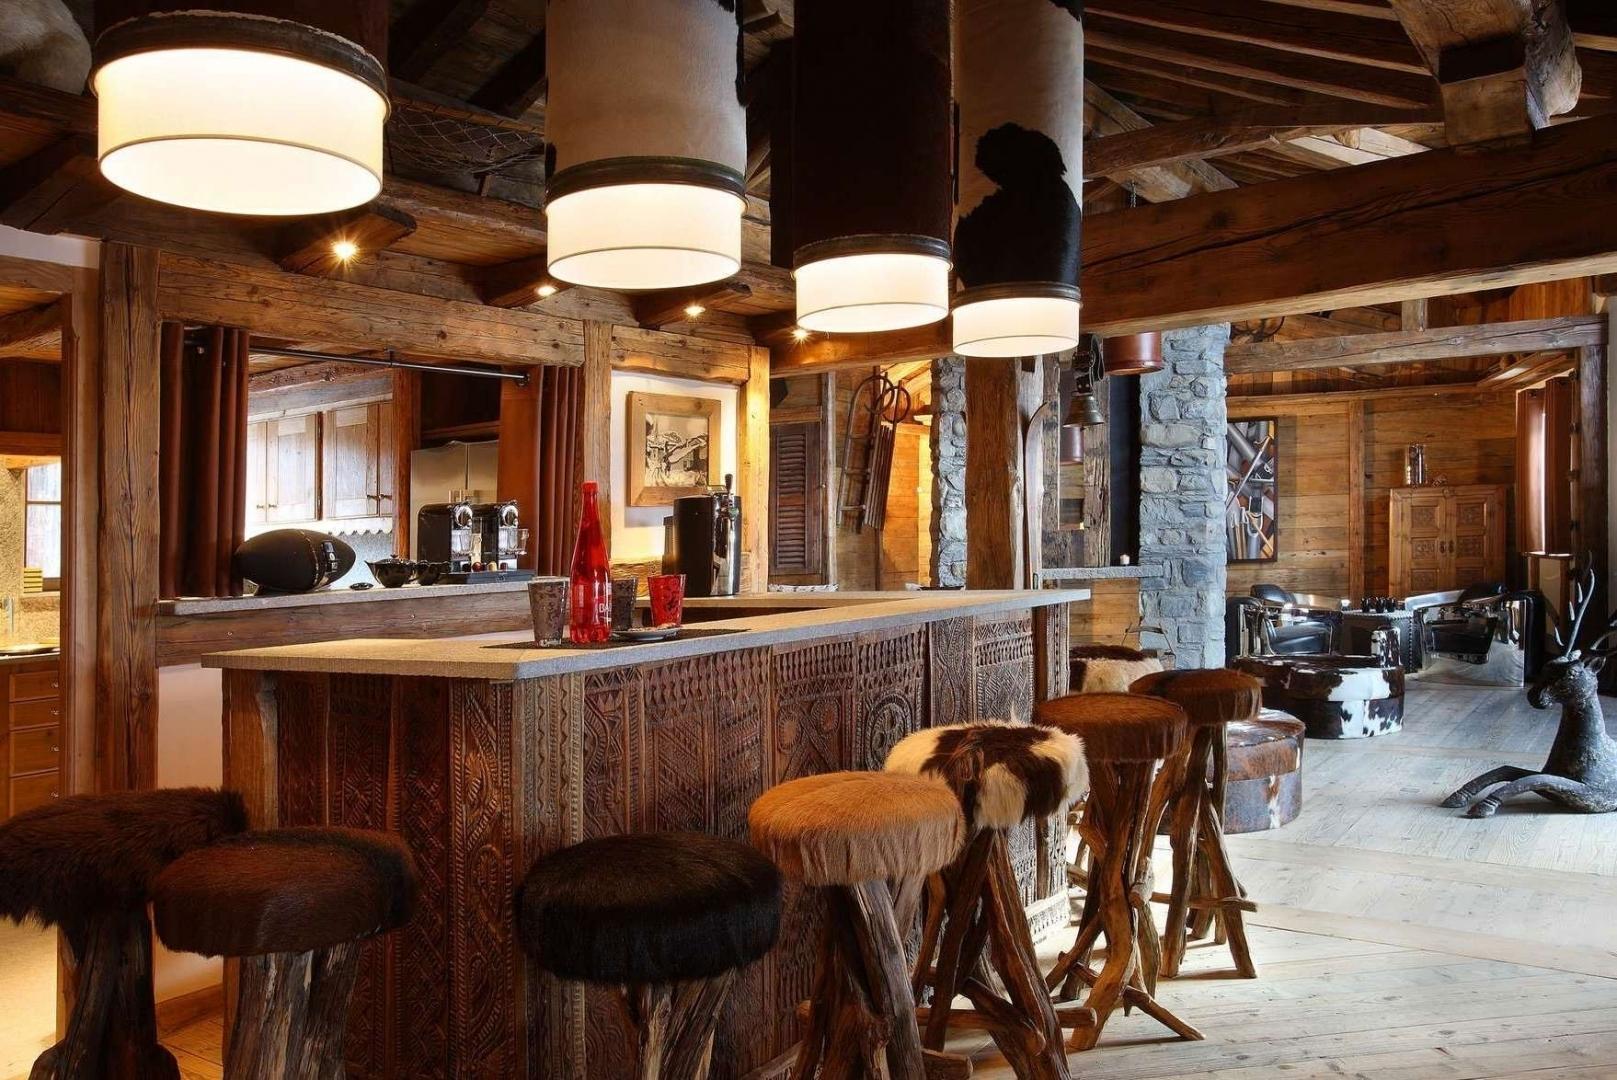 кафе в стиле шале фото прелесть фотографиям придаст